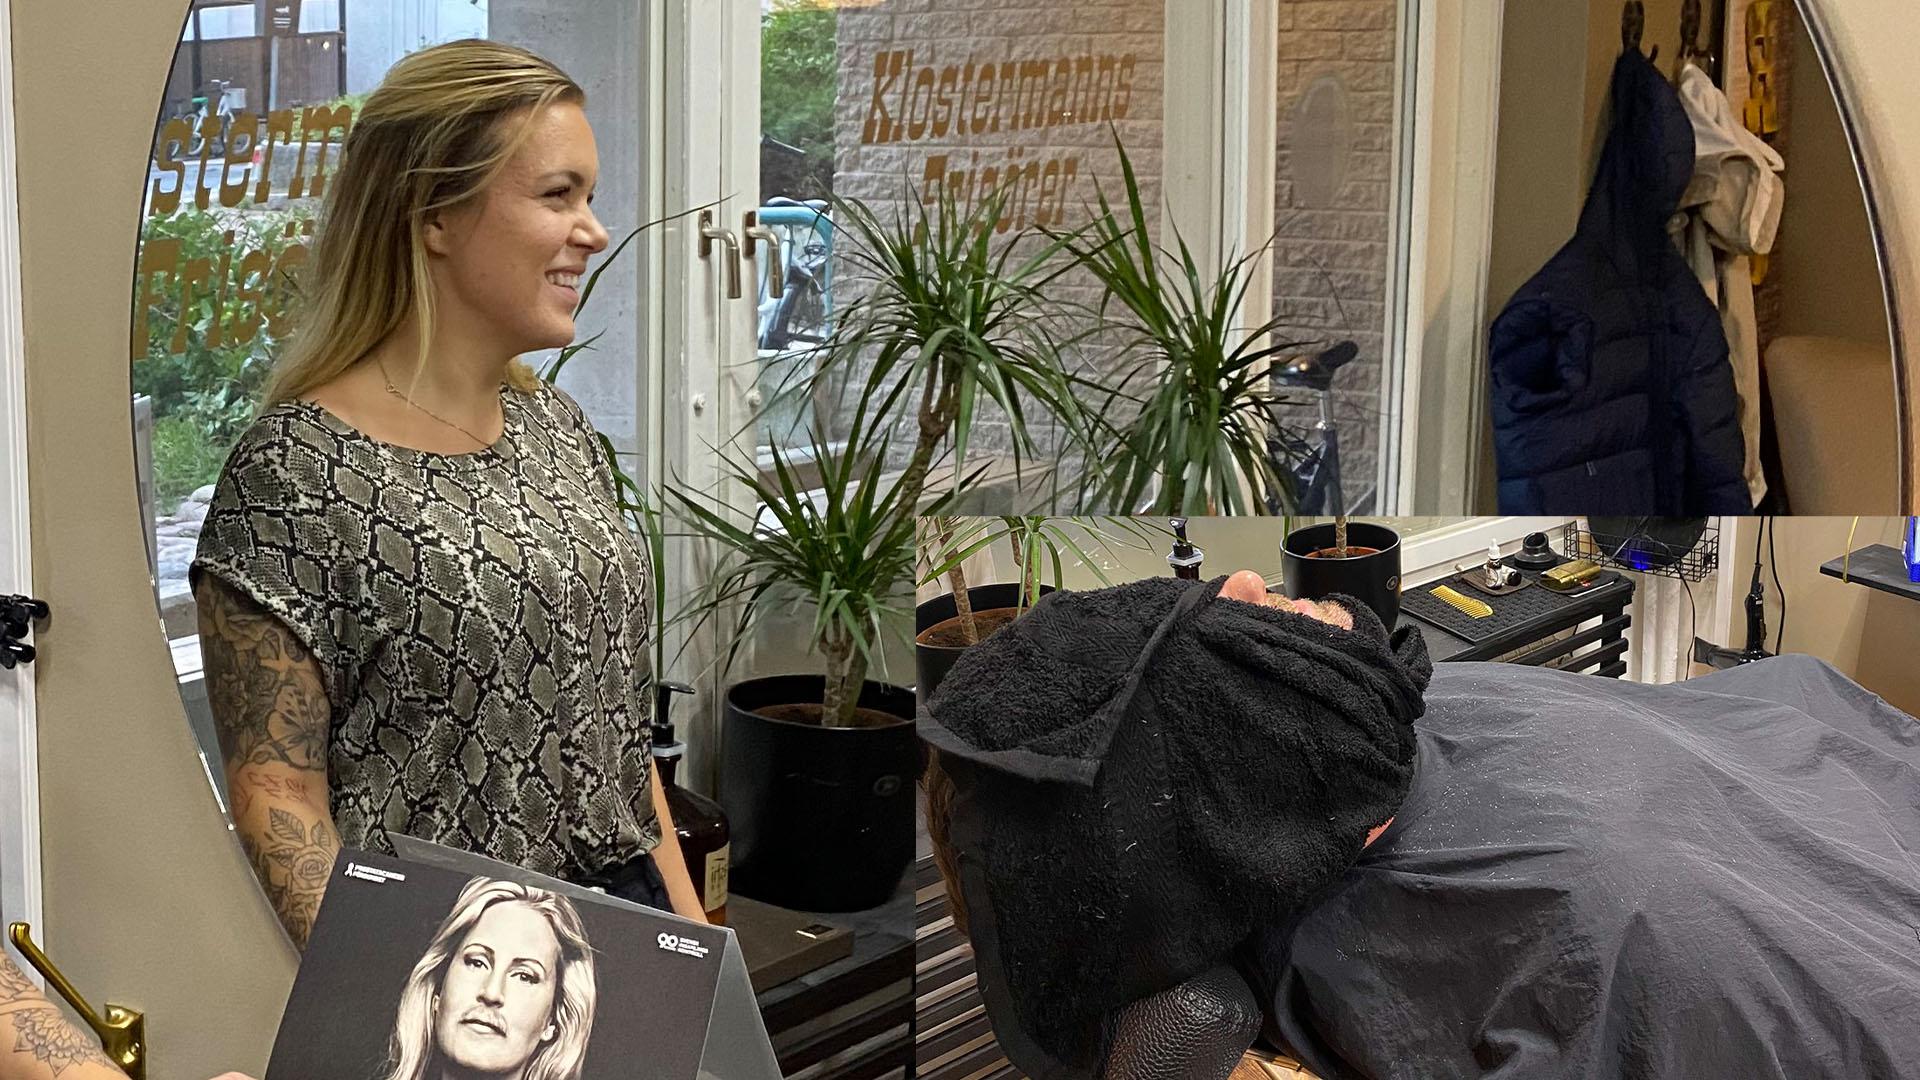 Barberare Nathalie Jäderqvist och Mustaschkampens kampanjledare Per-Anders Nygård hos Klostermanns Frisörer